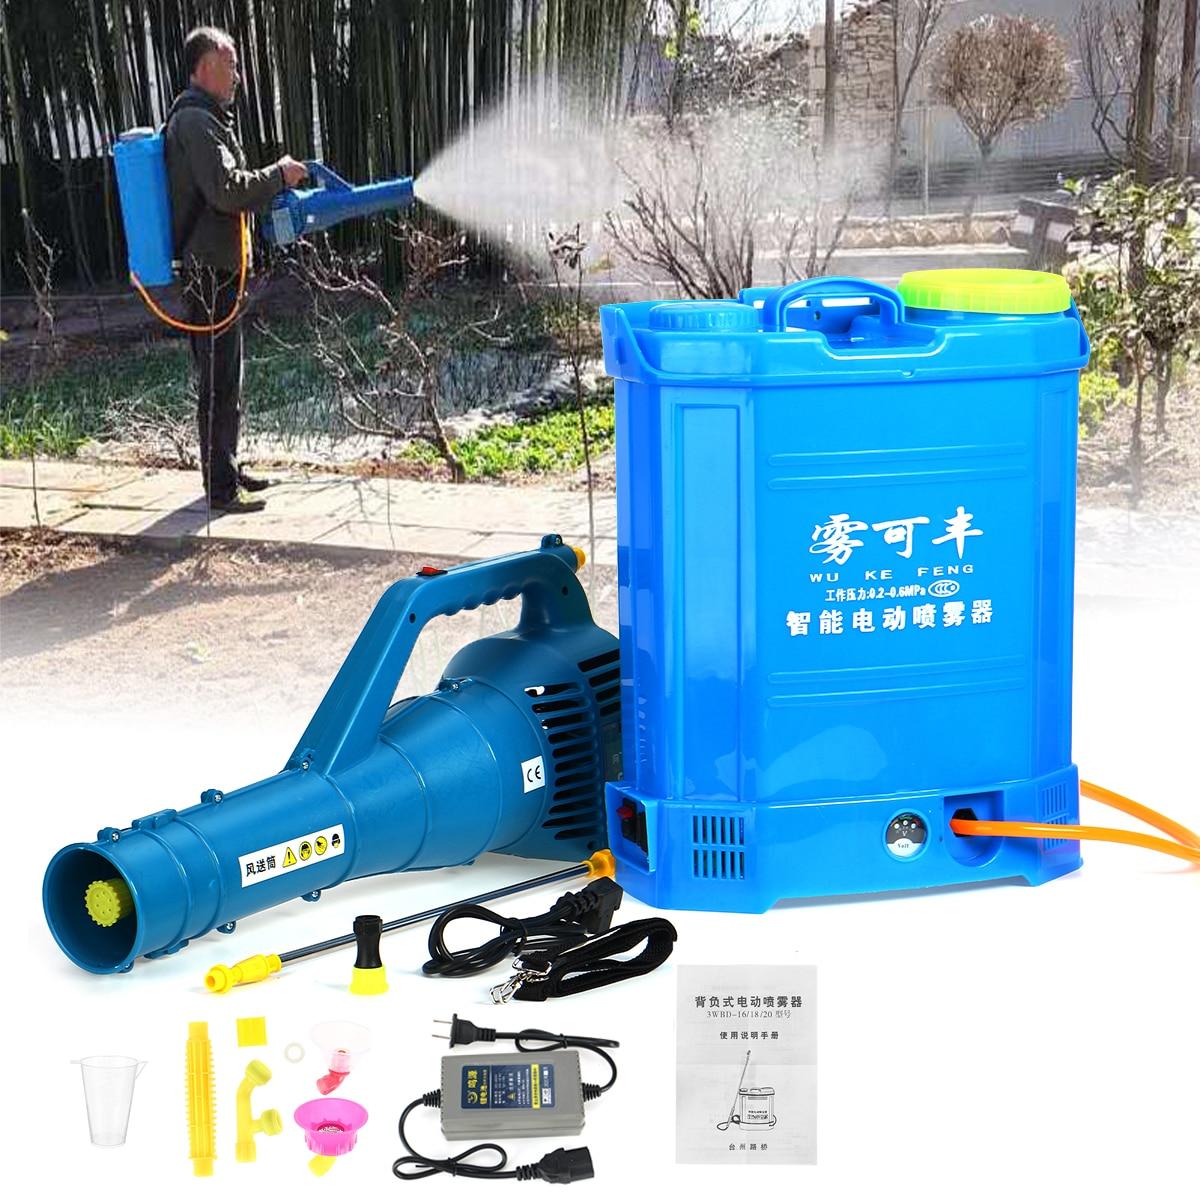 20L المحمولة الكهربائية ULV رش مبيد مع بطارية قدرة فائقة تطهير آلة 10-15 متر مكافحة المخدرات البخاخ الزراعية